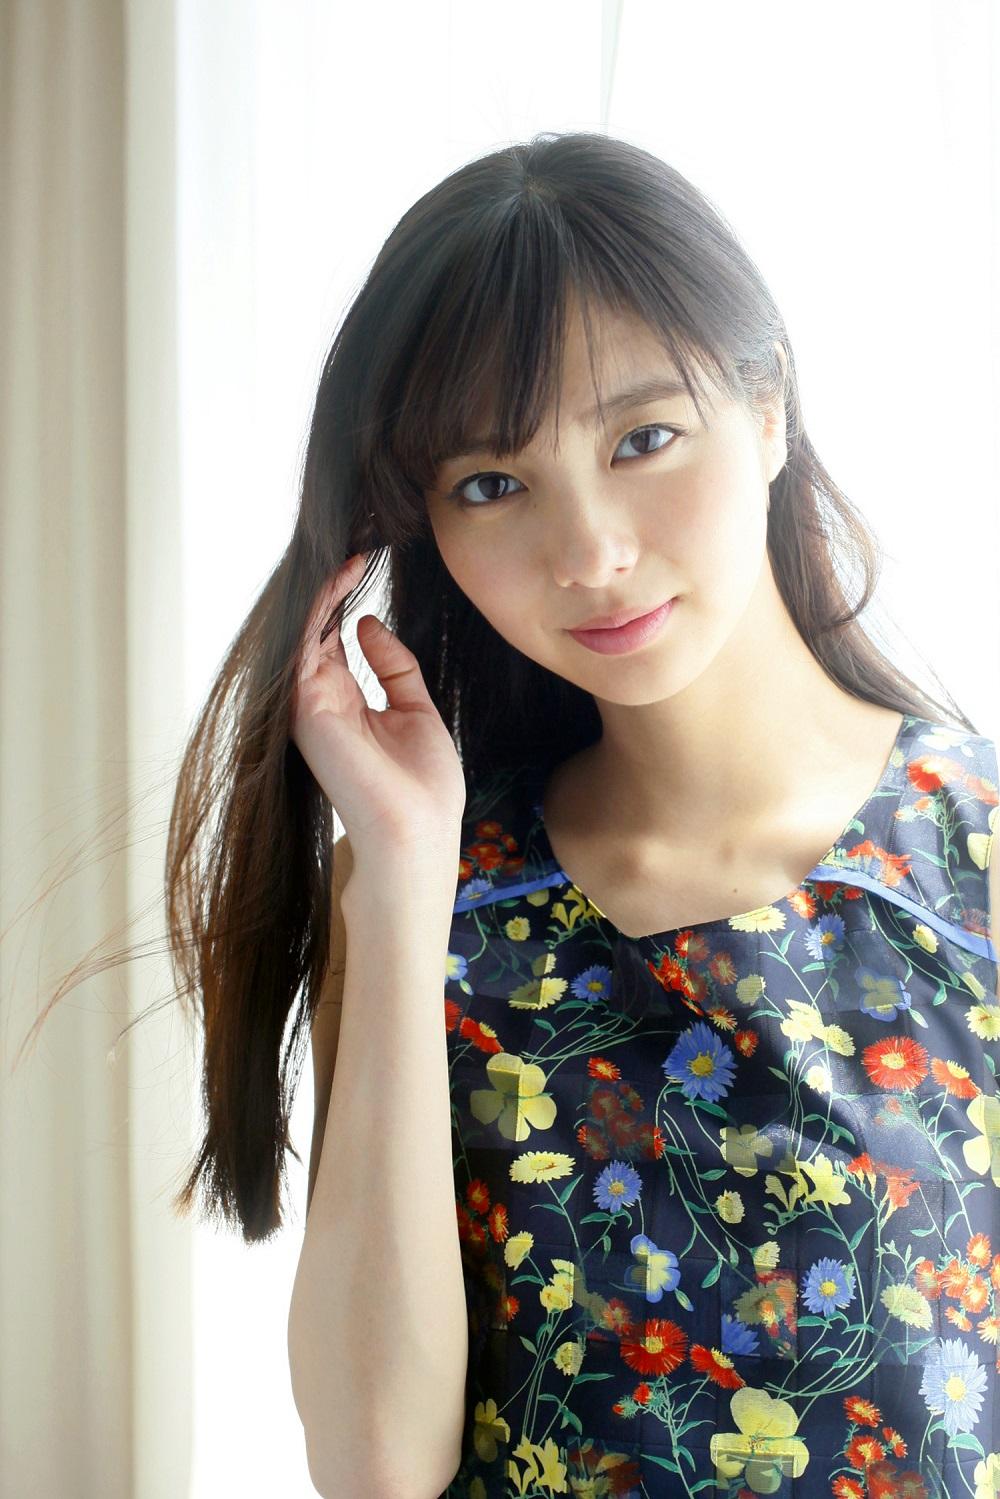 新川優愛(しんかわ ゆあ)Japanese Actress(女優)